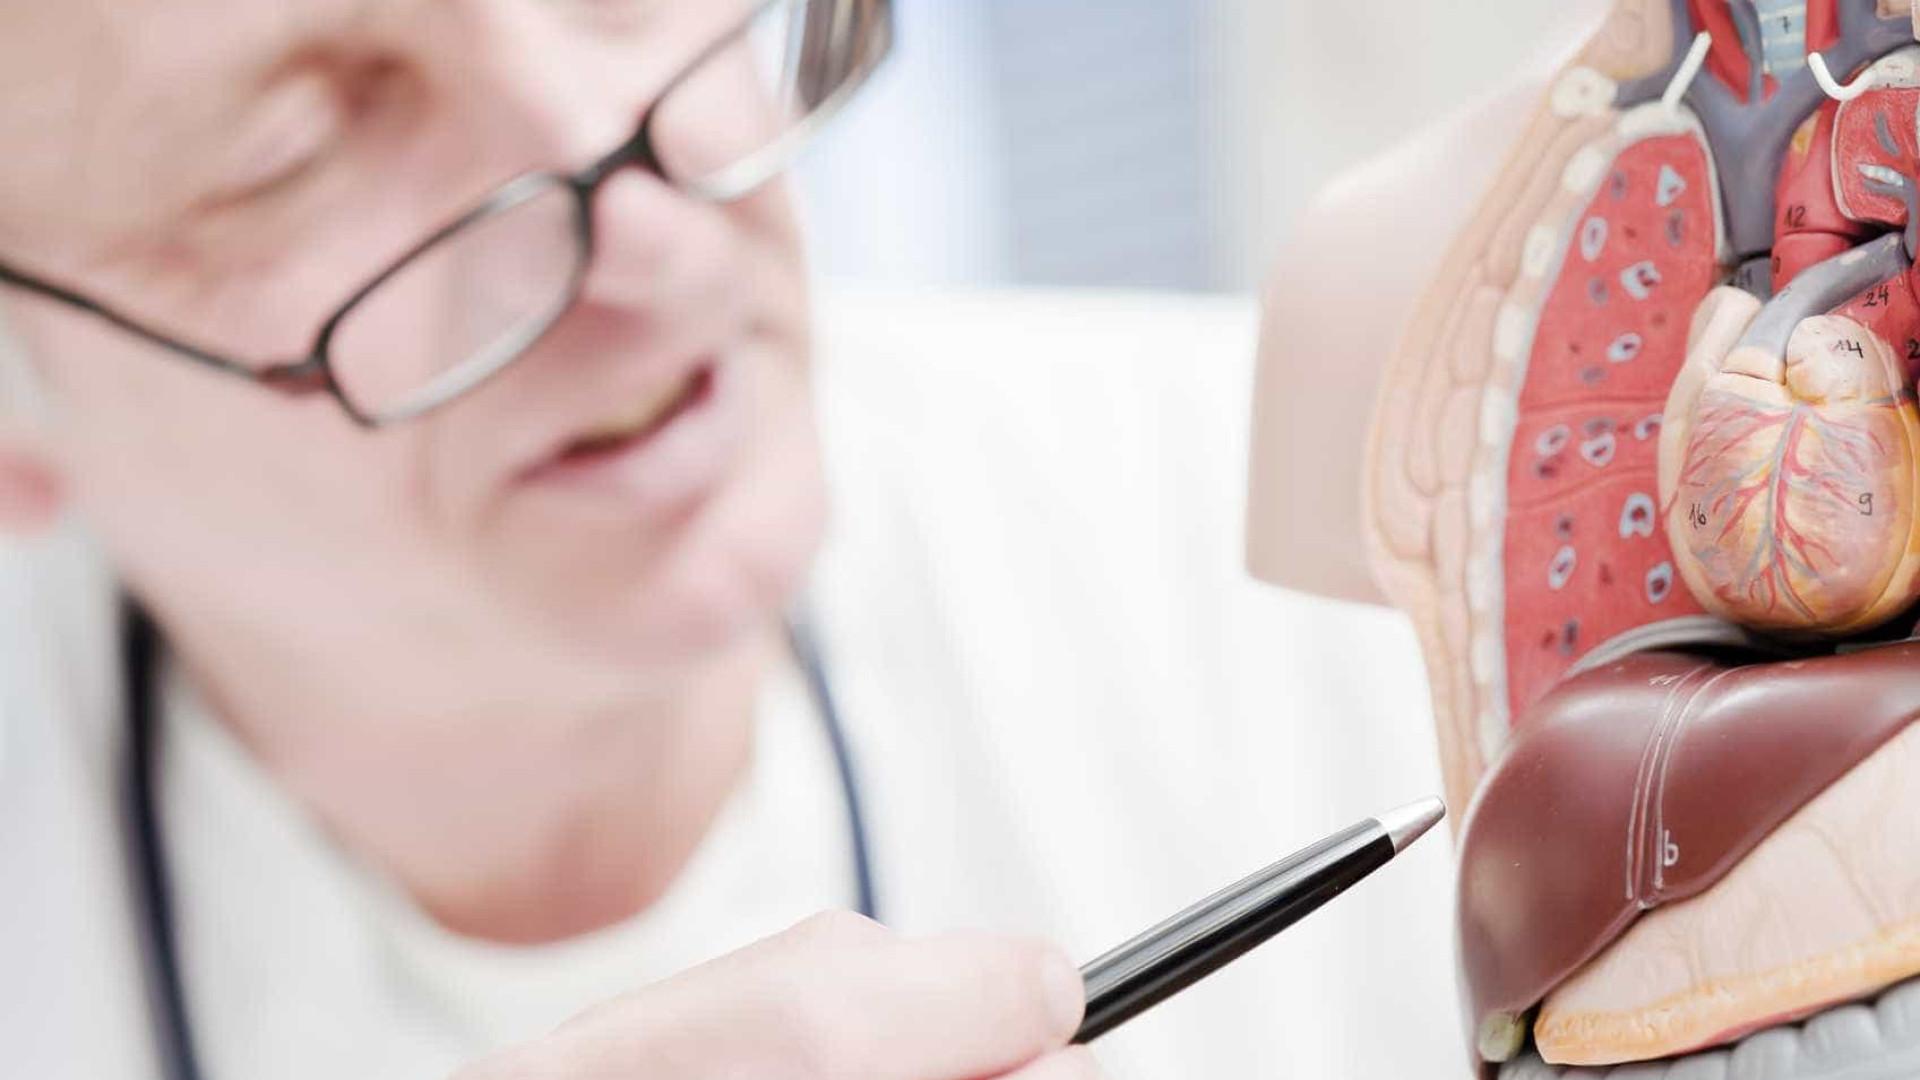 Quase 3.500 mortes evitadas com novos fármacos para Hepatite C